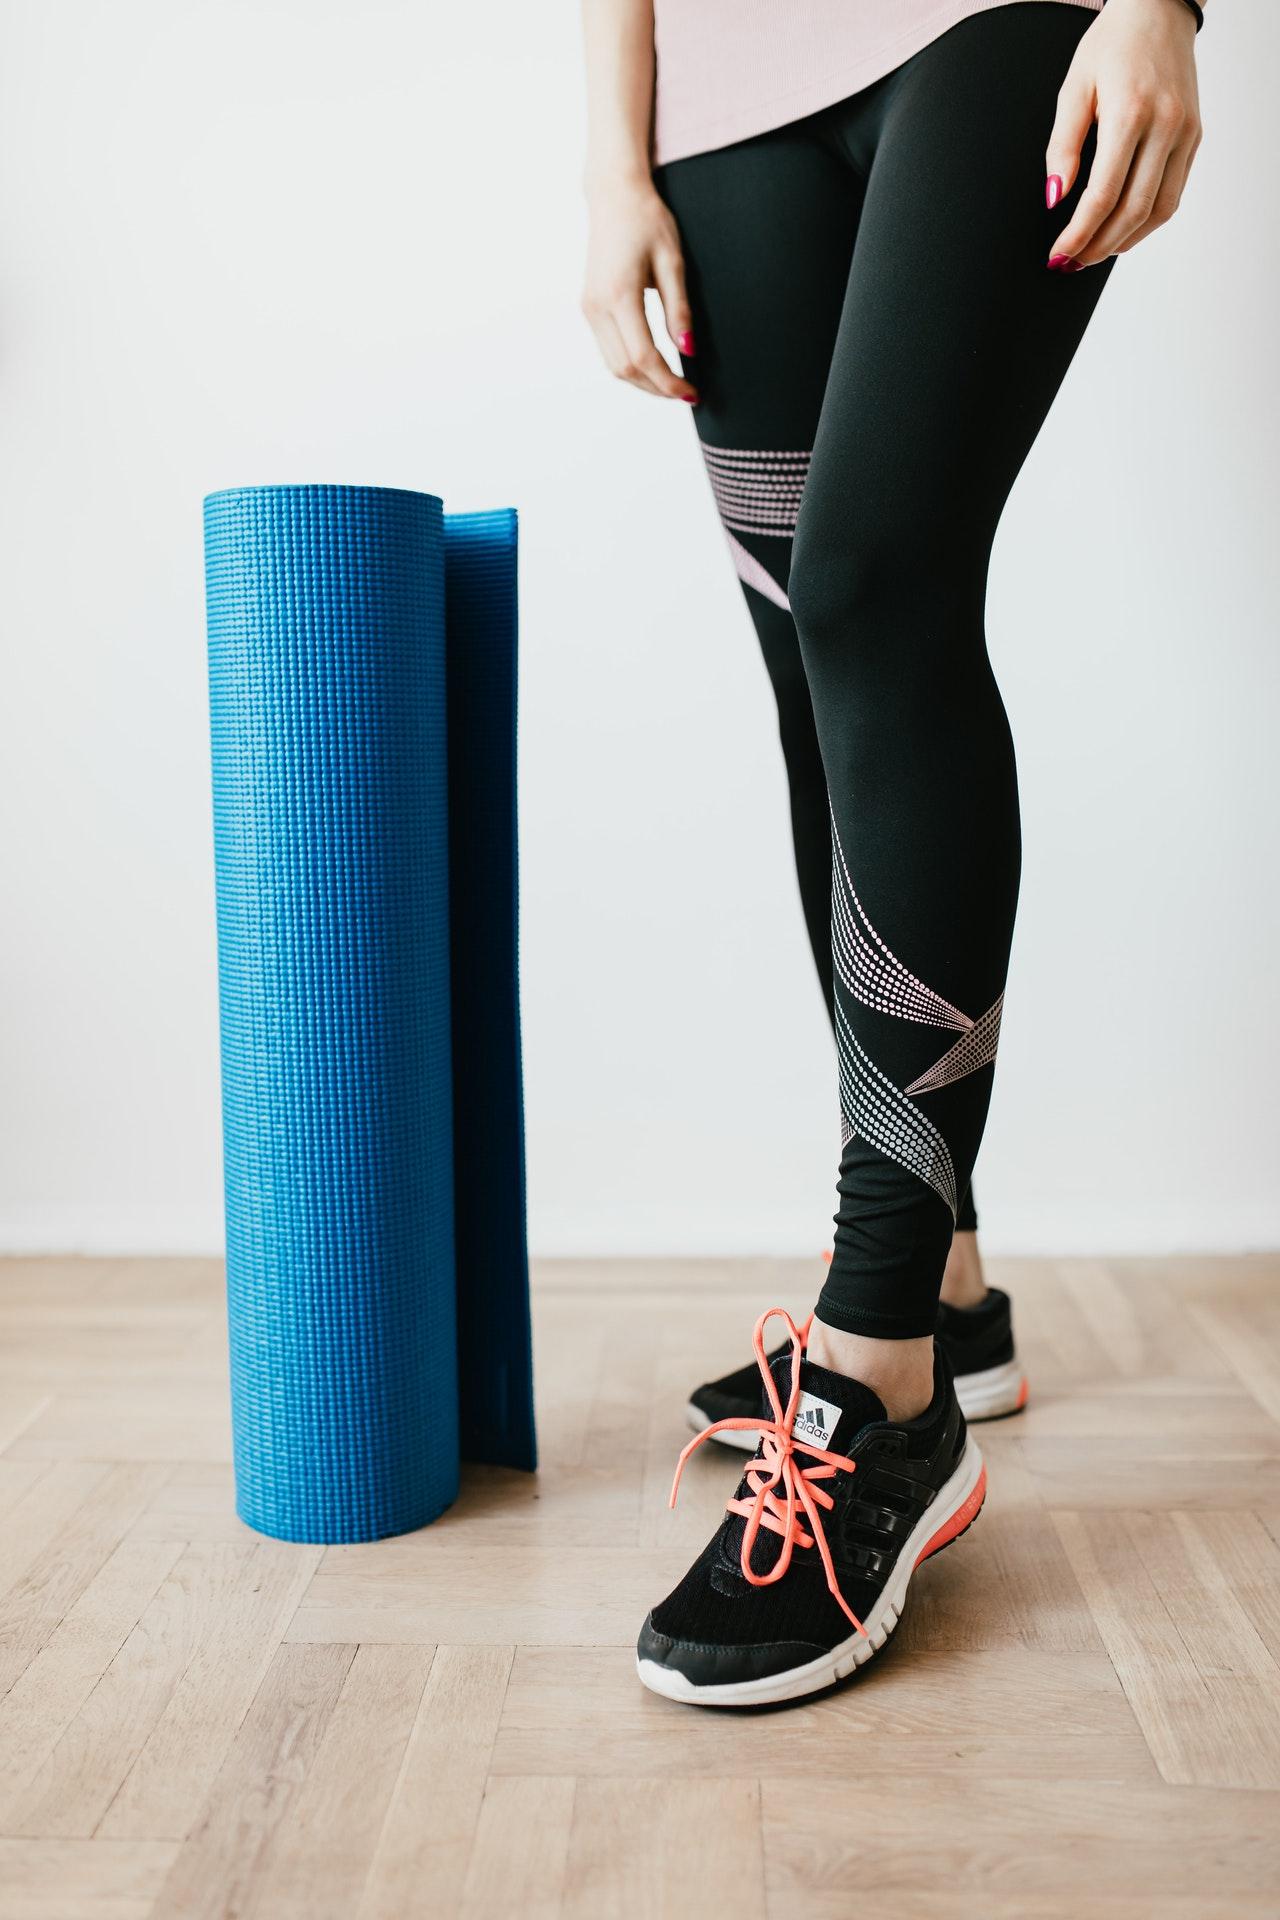 Jak wrócić do aktywności fizycznej